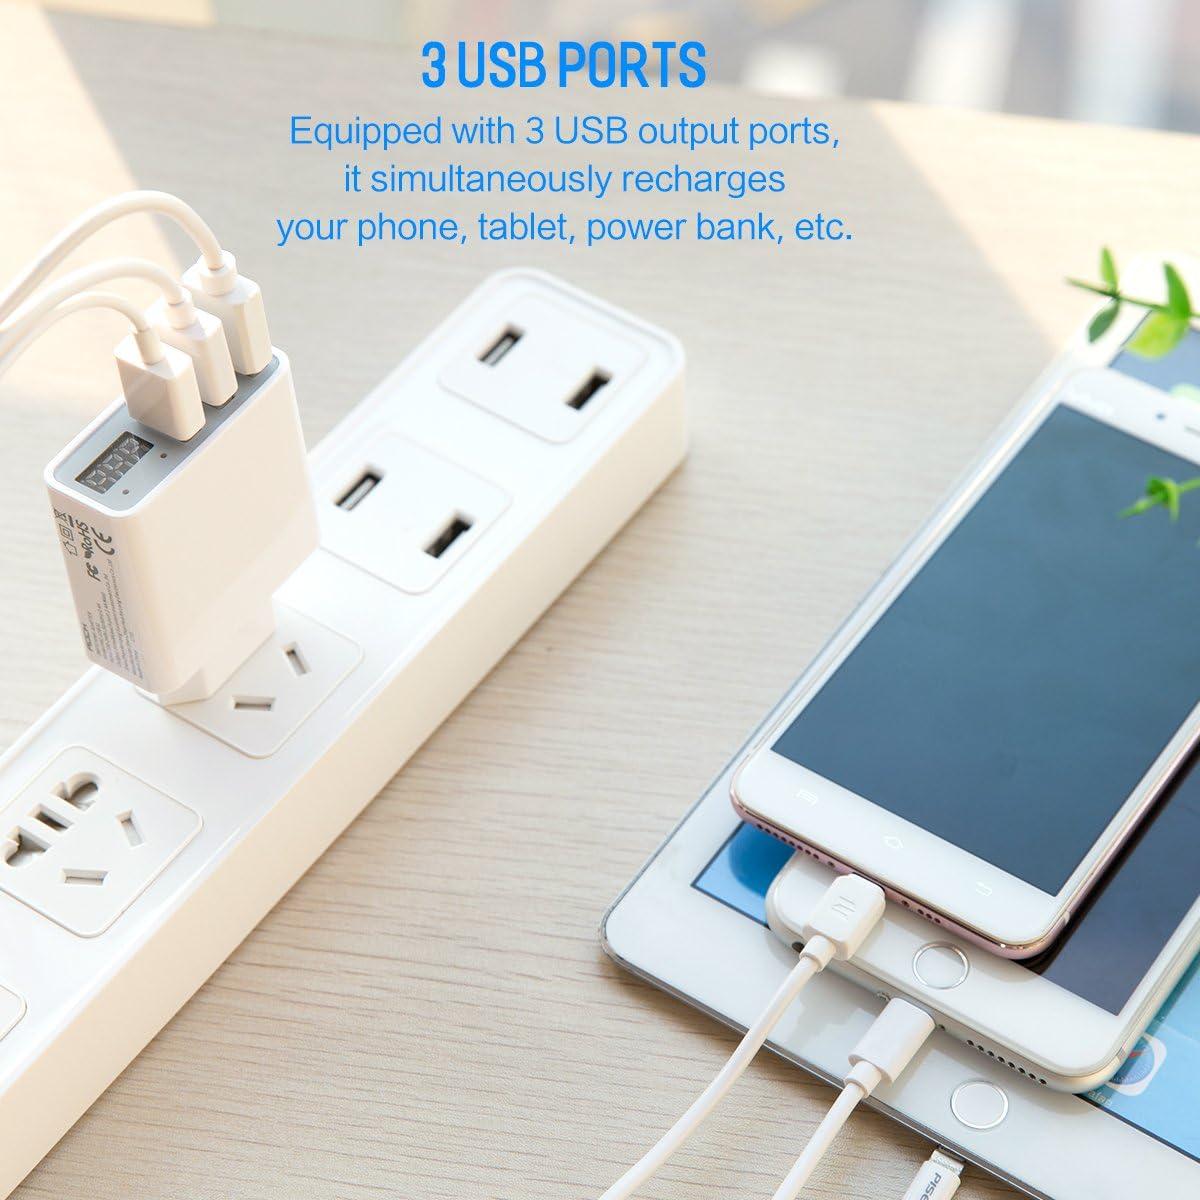 Rock Chargeur Usb Chargeur 3 Ports 30w Avec Chargeur Mural Led Pour Iphone Ipad Samsung Galaxy Nexus Htc Lg Et Autres Blanc